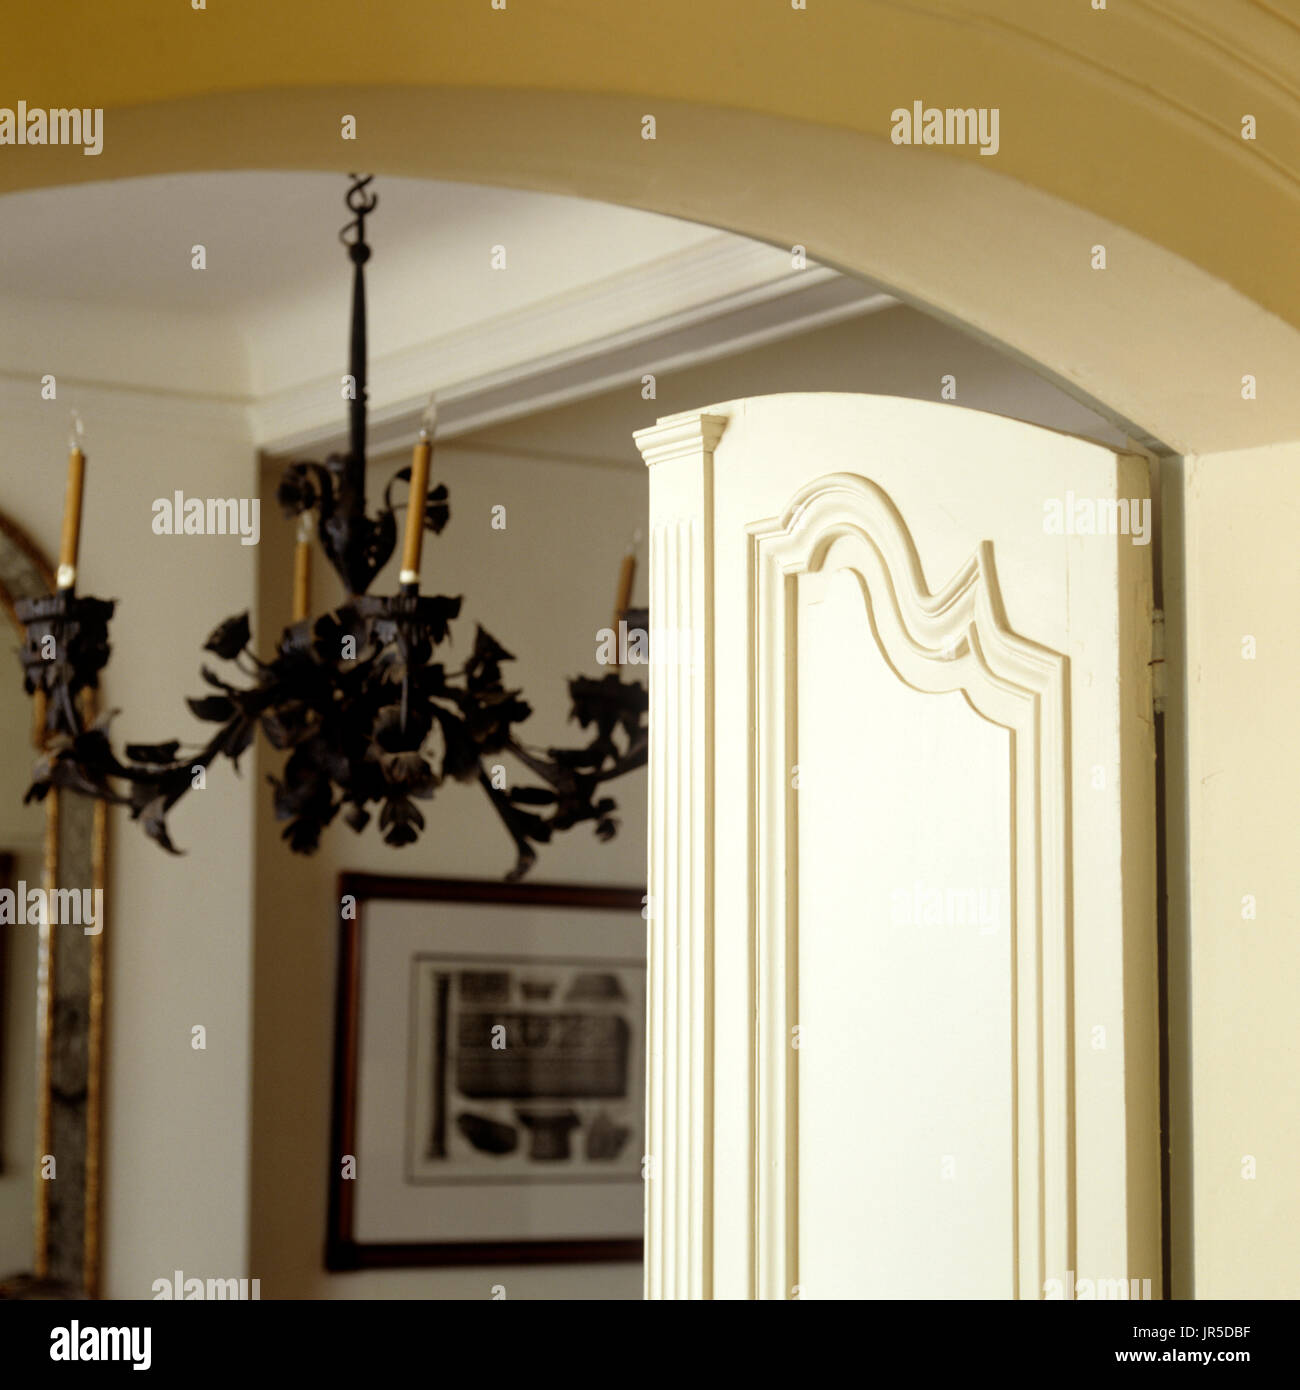 Chandelier behind a doorway stock photo 151940307 alamy chandelier behind a doorway aloadofball Gallery